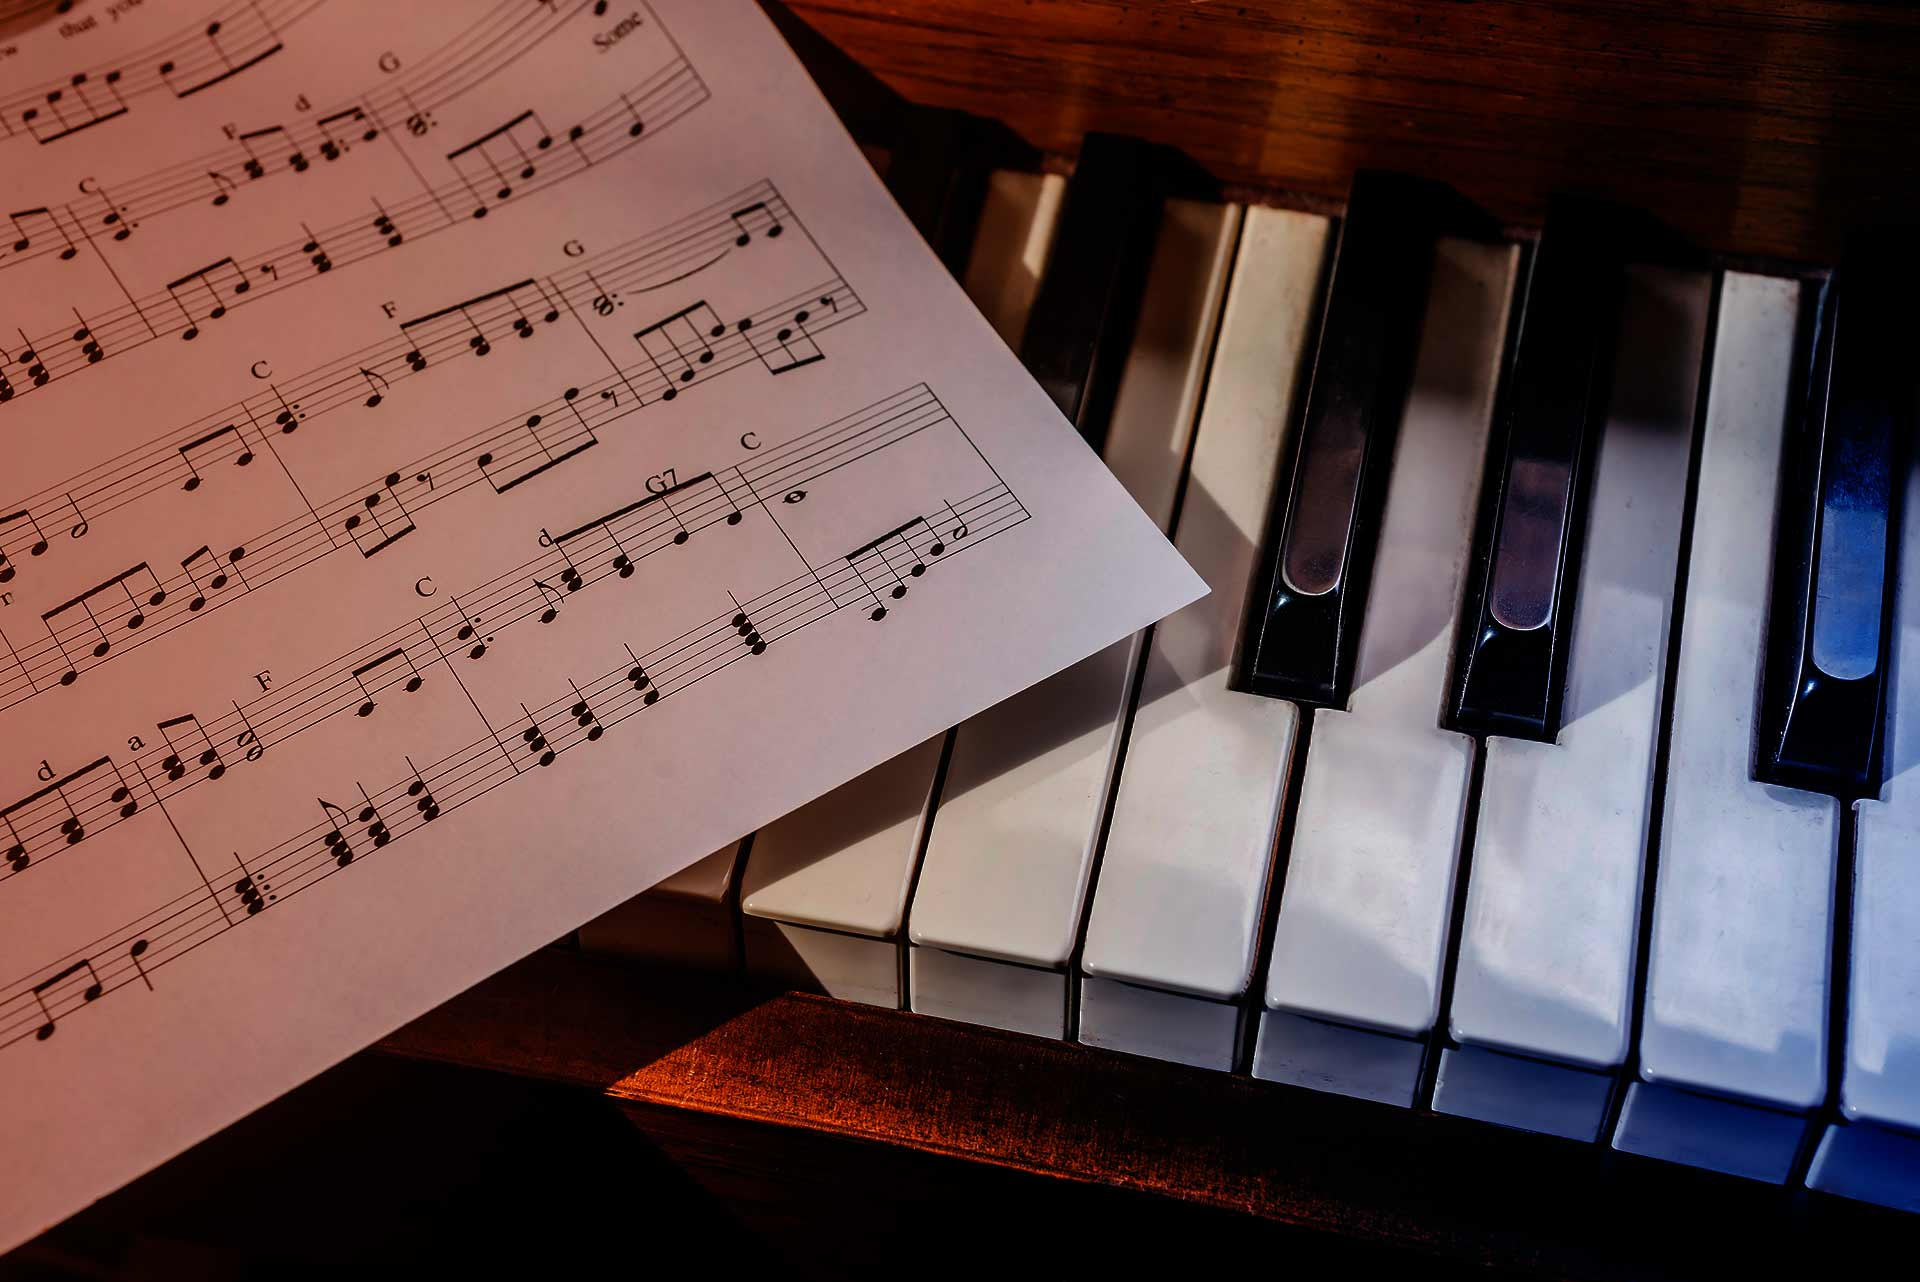 Score piano's keys